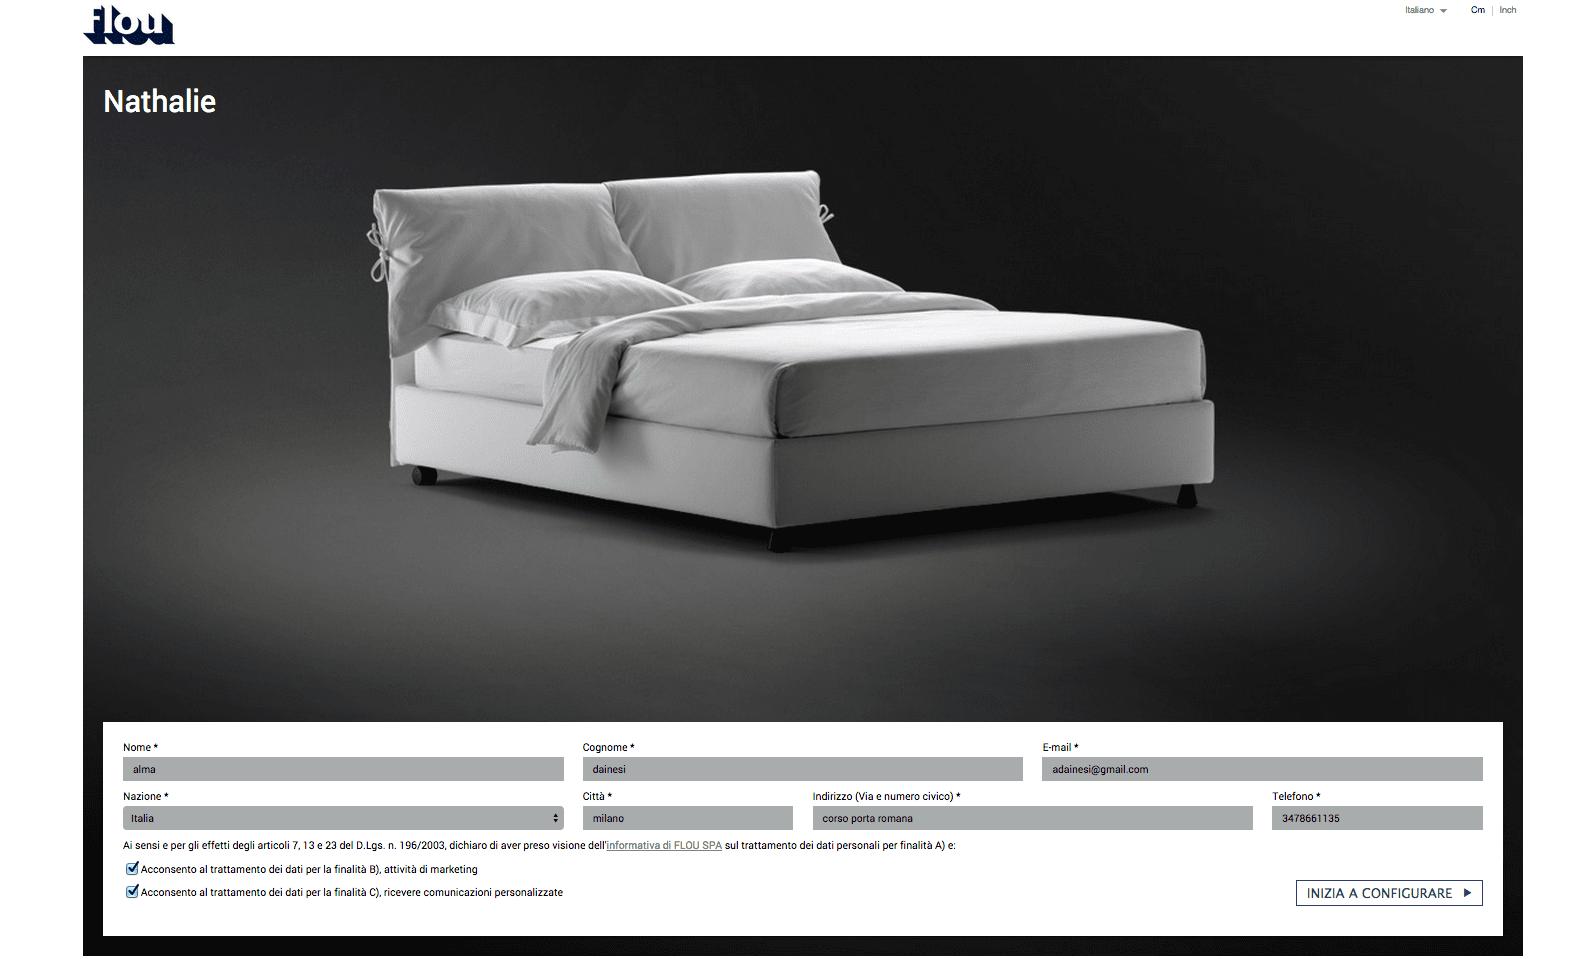 Flou tadao prezzo cheap letto olivier flou with letto - Letto notturno flou prezzo ...